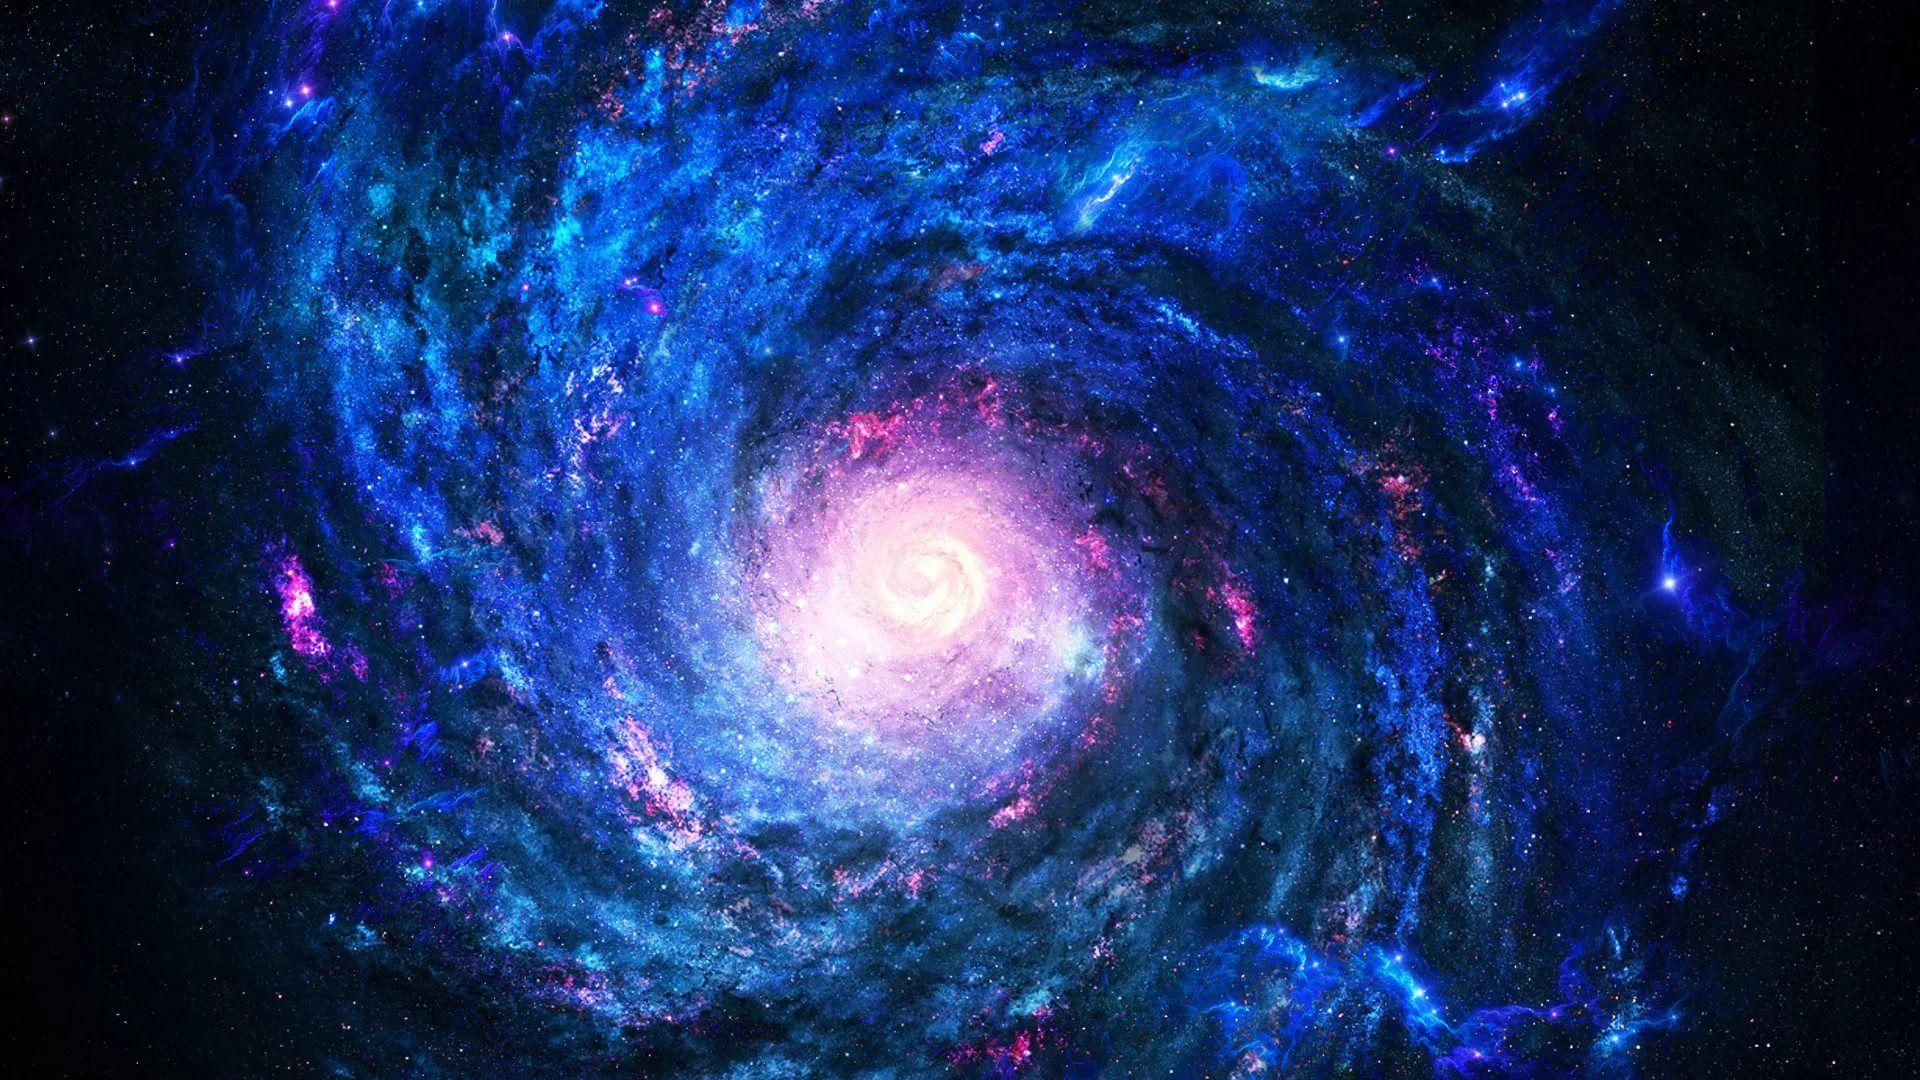 Blue Galaxy hd wallpaper 1080